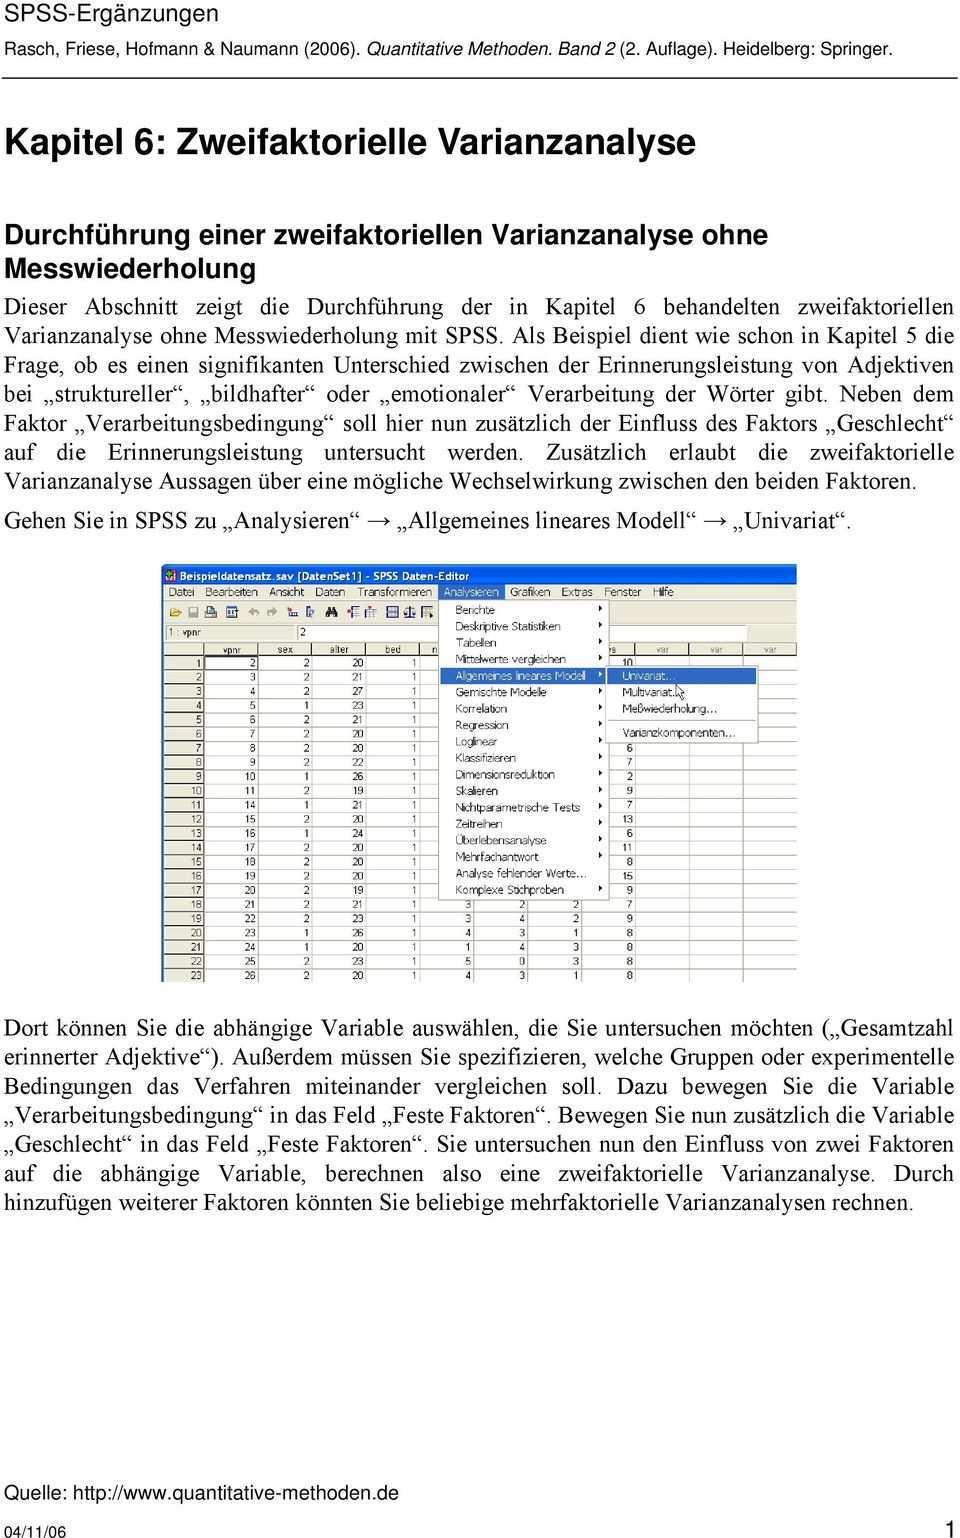 Kapitel 6 Zweifaktorielle Varianzanalyse Pdf Kostenfreier Download